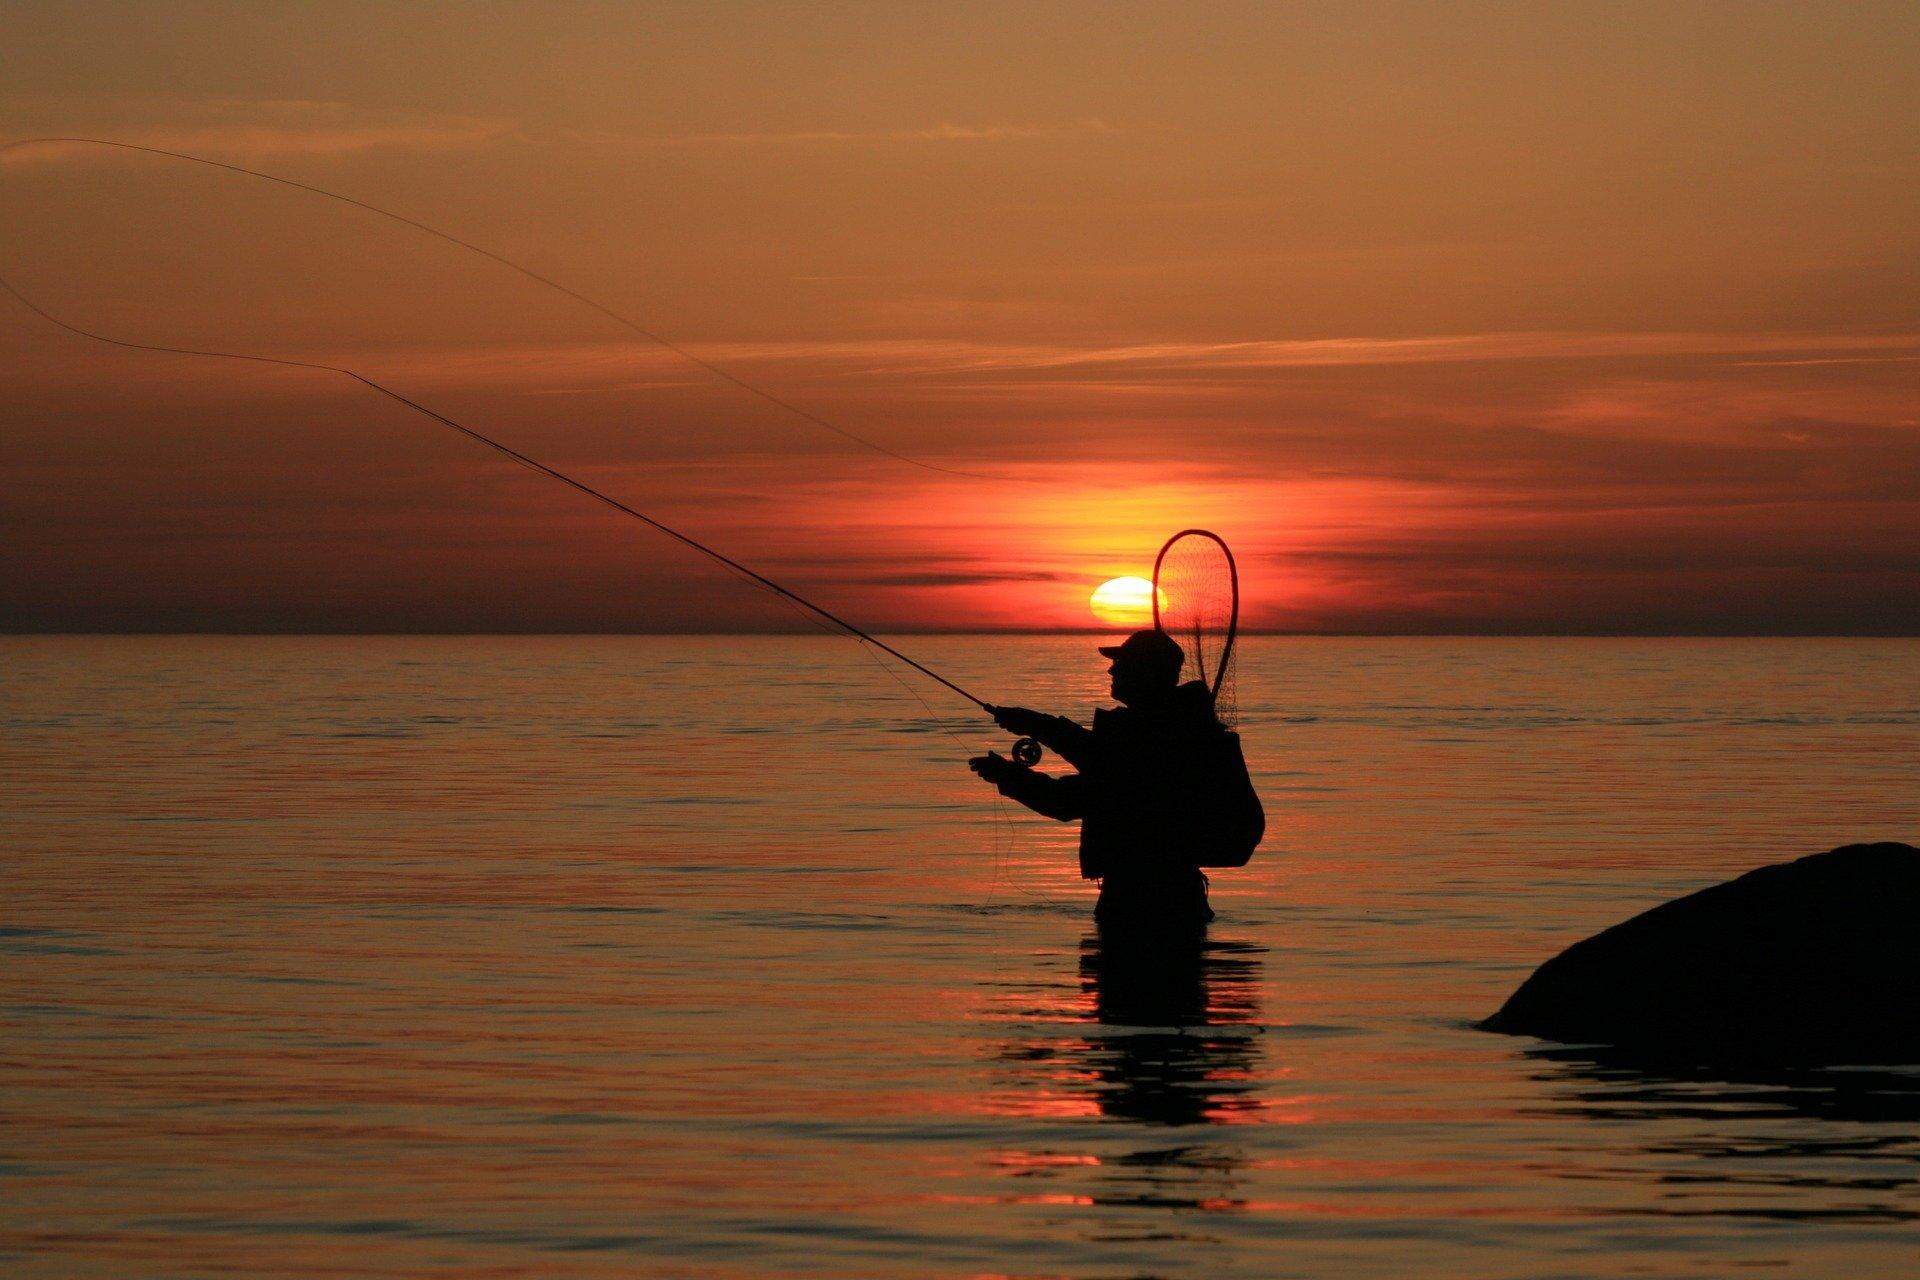 Angler fishing in sunset